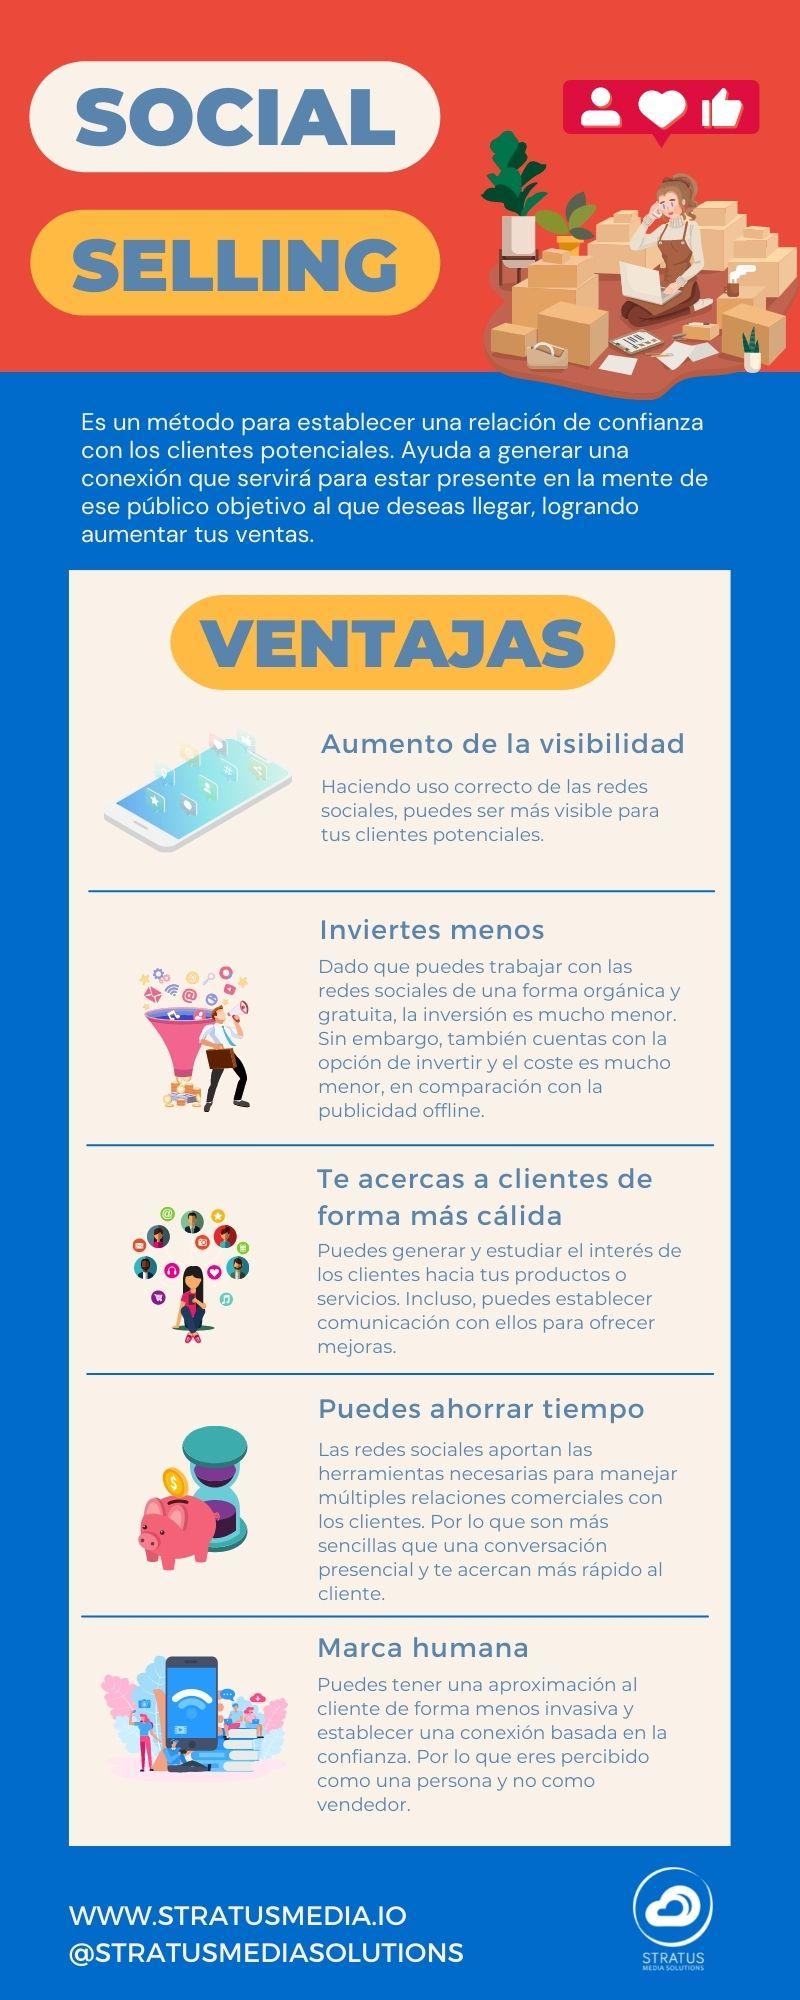 Social selling ventajas infografía